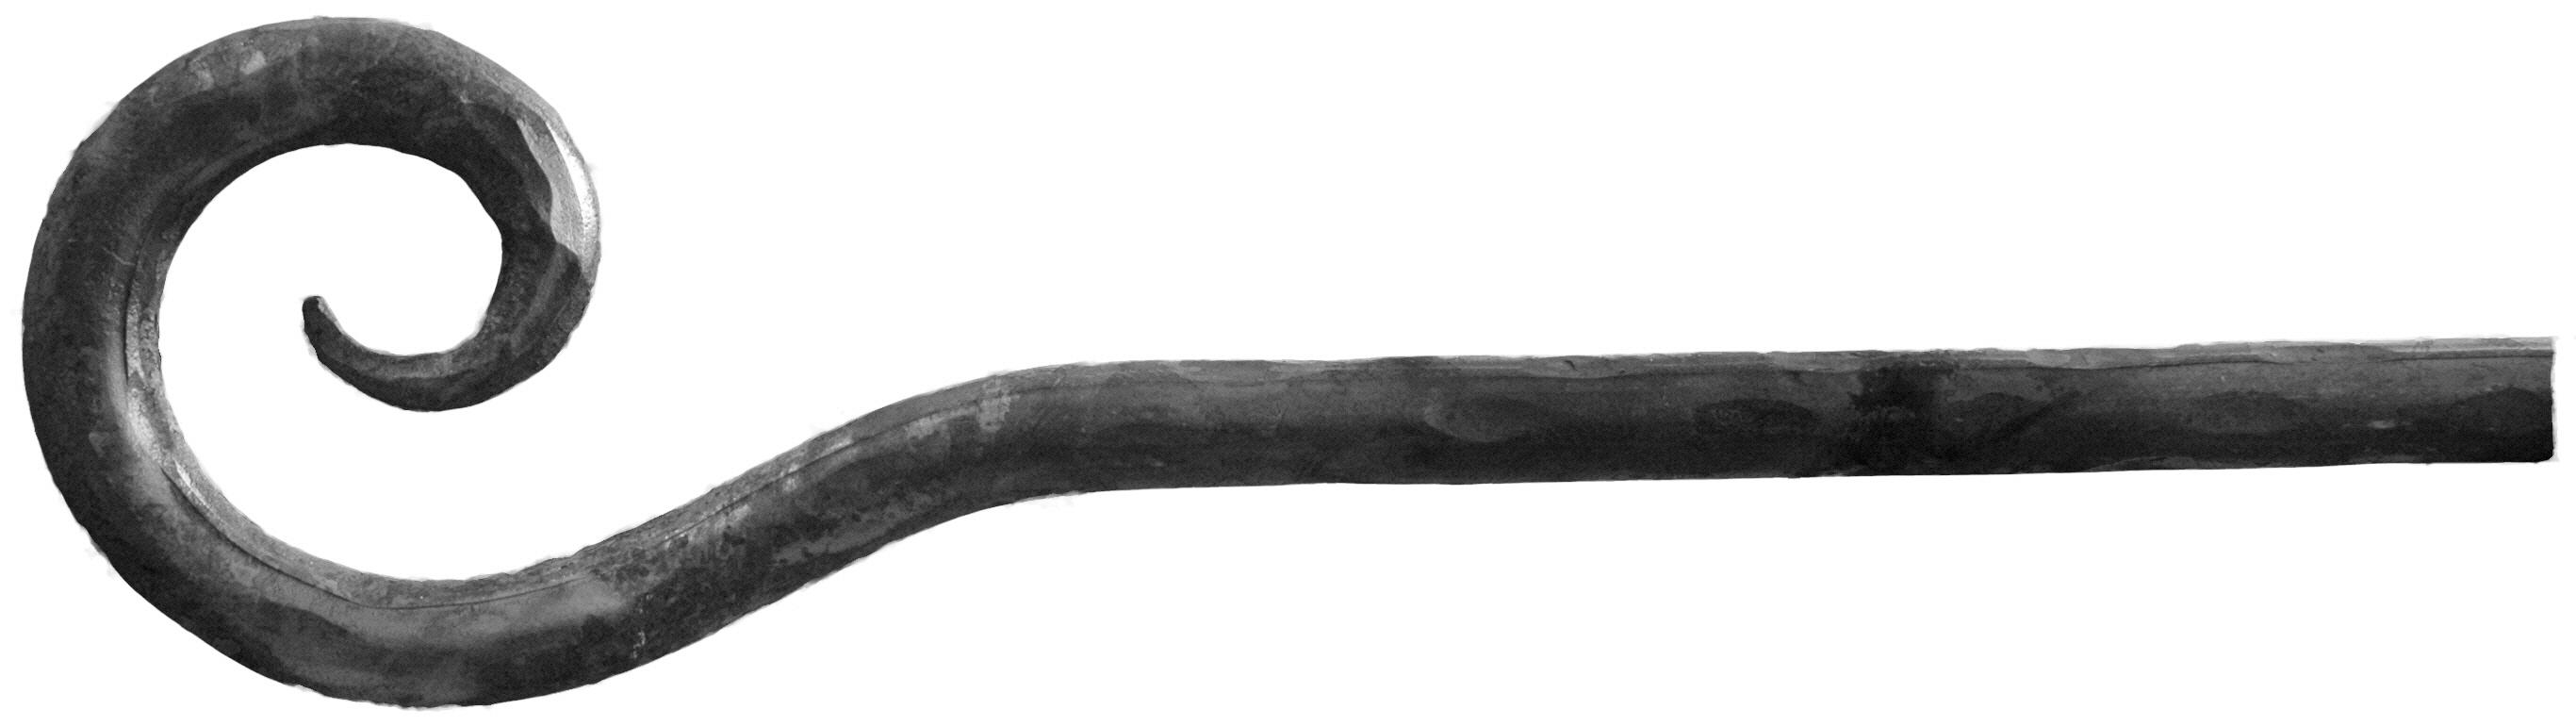 Tringle à rideaux - Longueur 2500mm